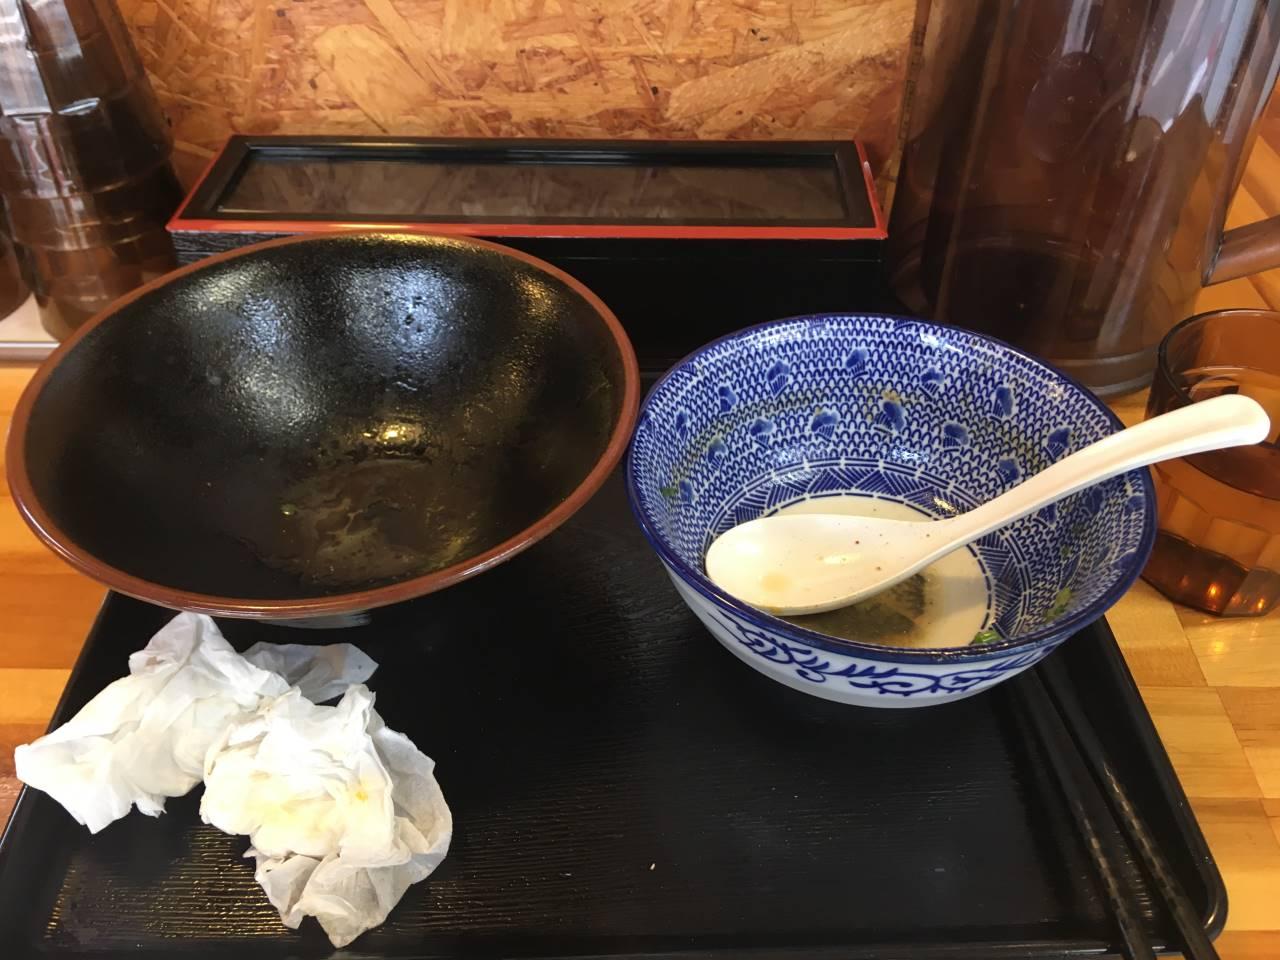 食べ終えた丼 濃厚魚介鶏つけ麺 麺屋頂中川會